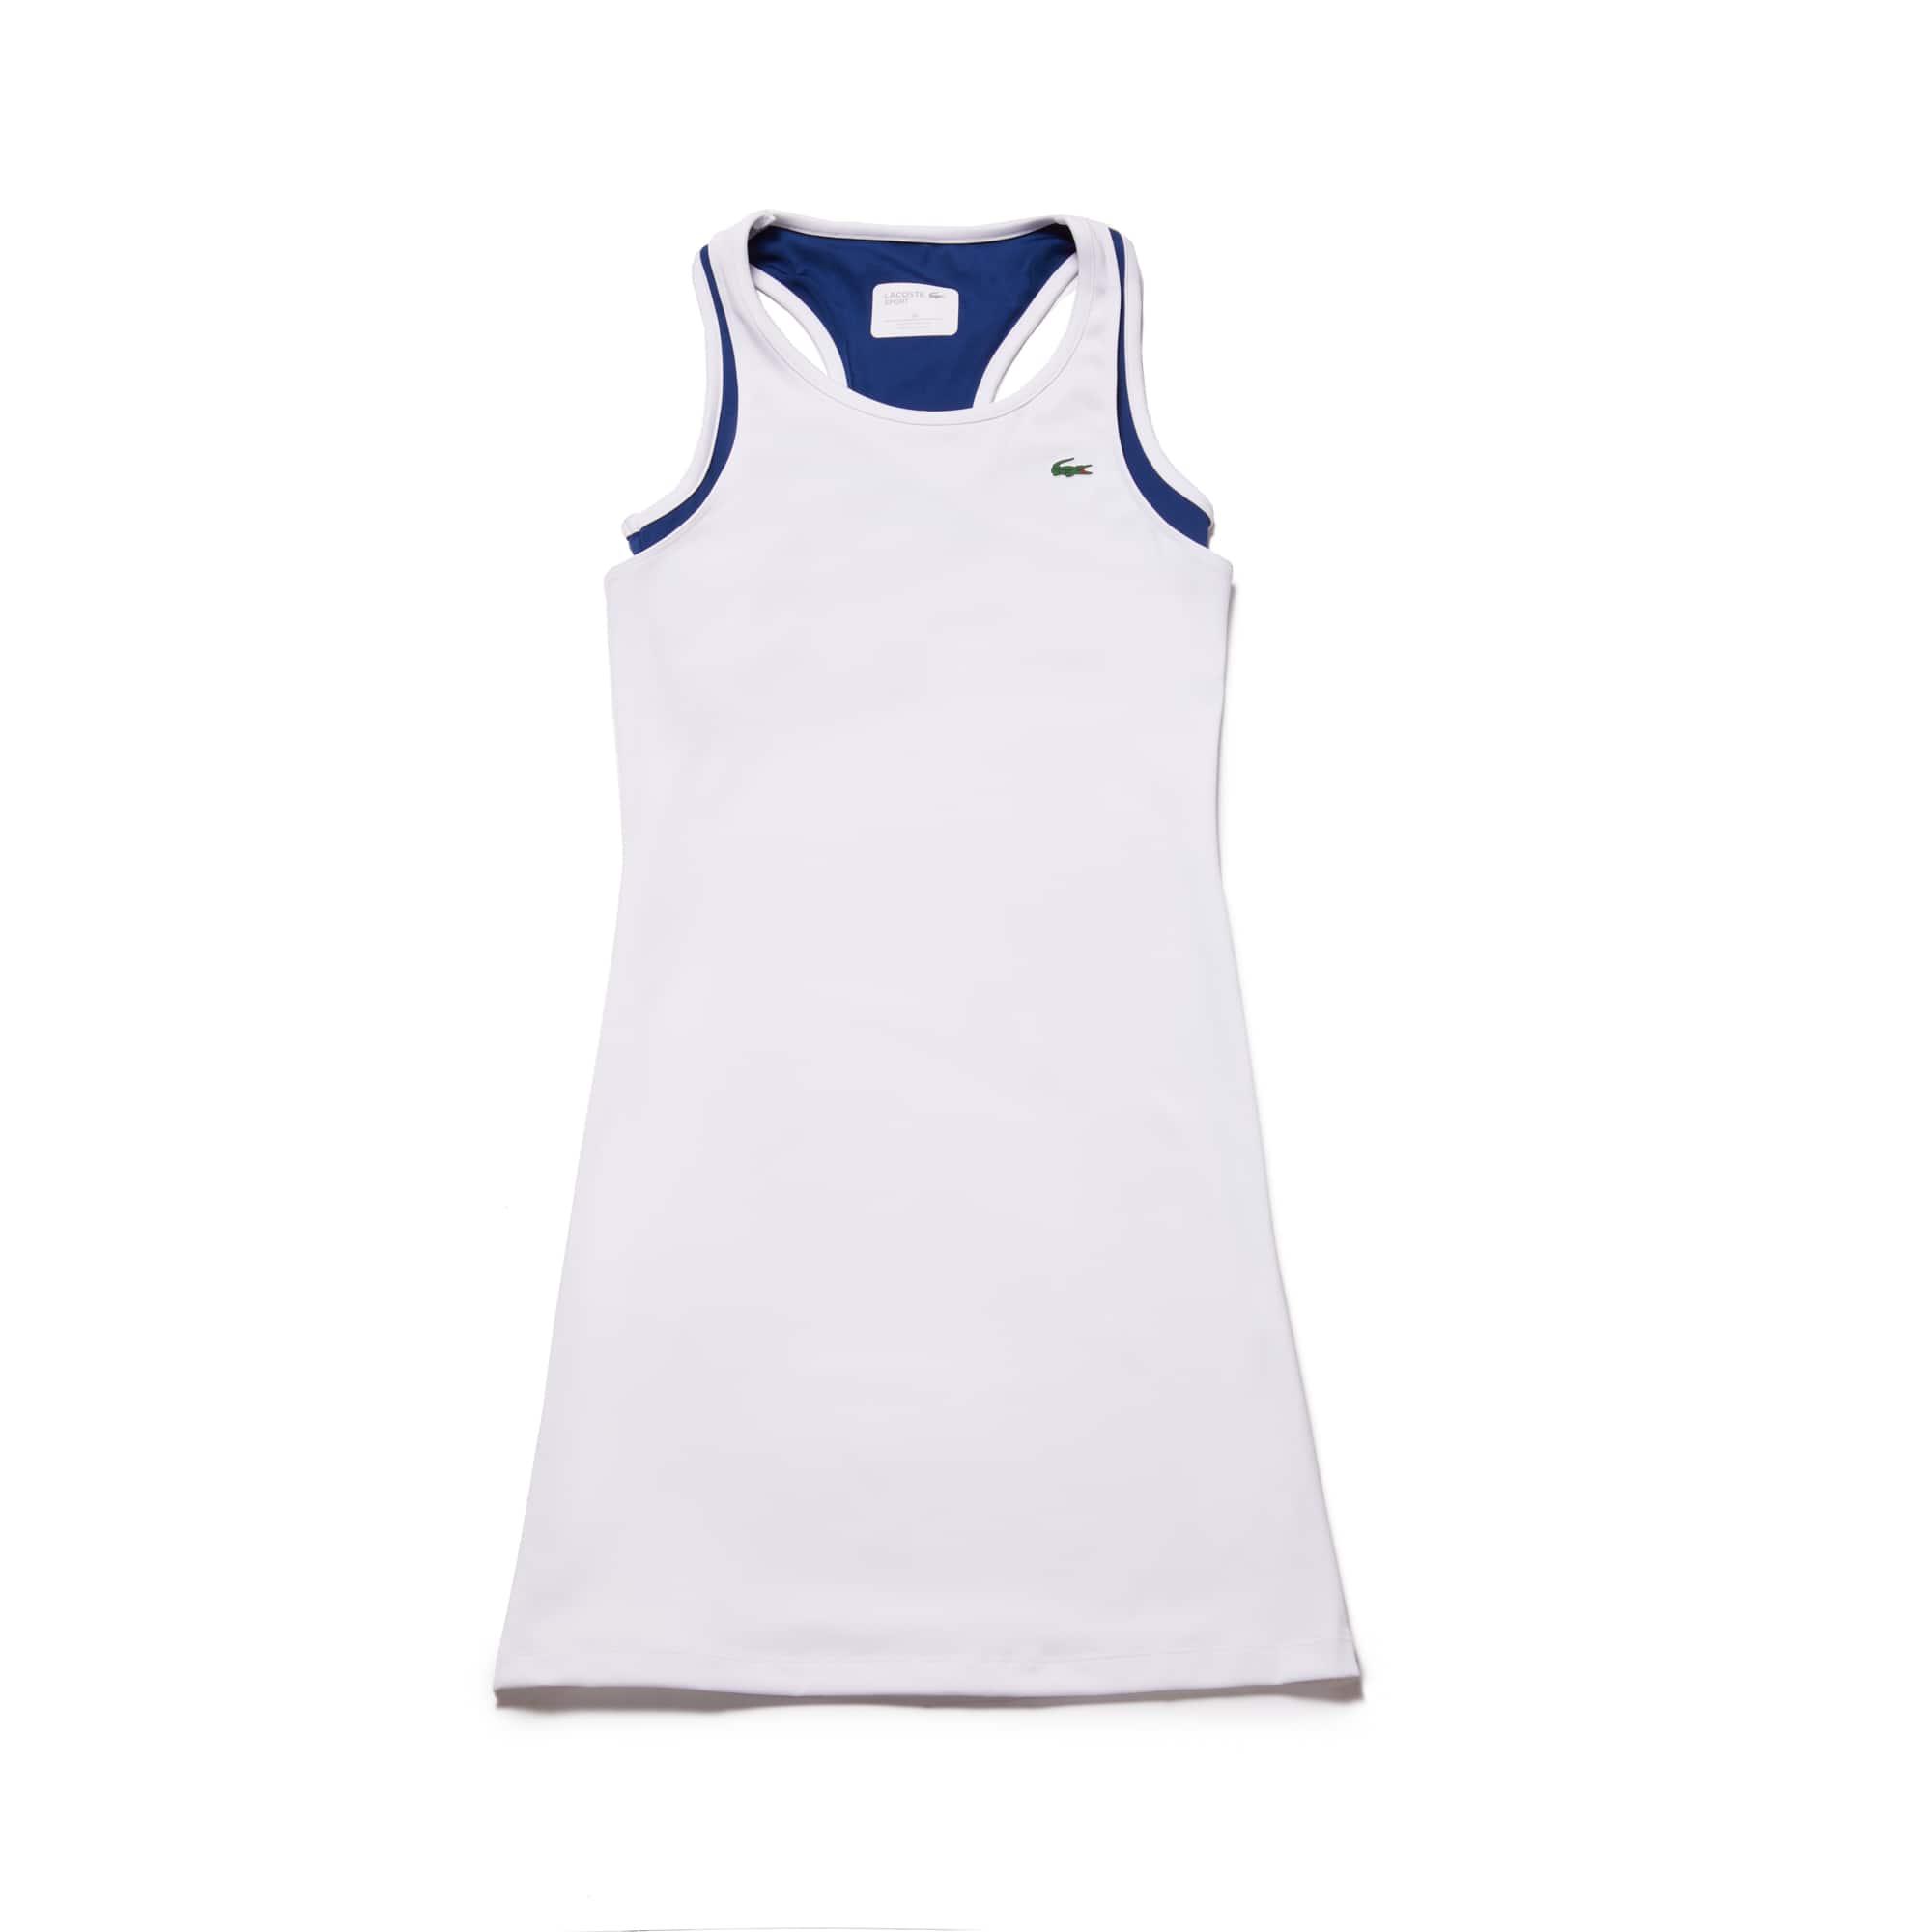 Women's SPORT Technical Racerback Tennis Dress